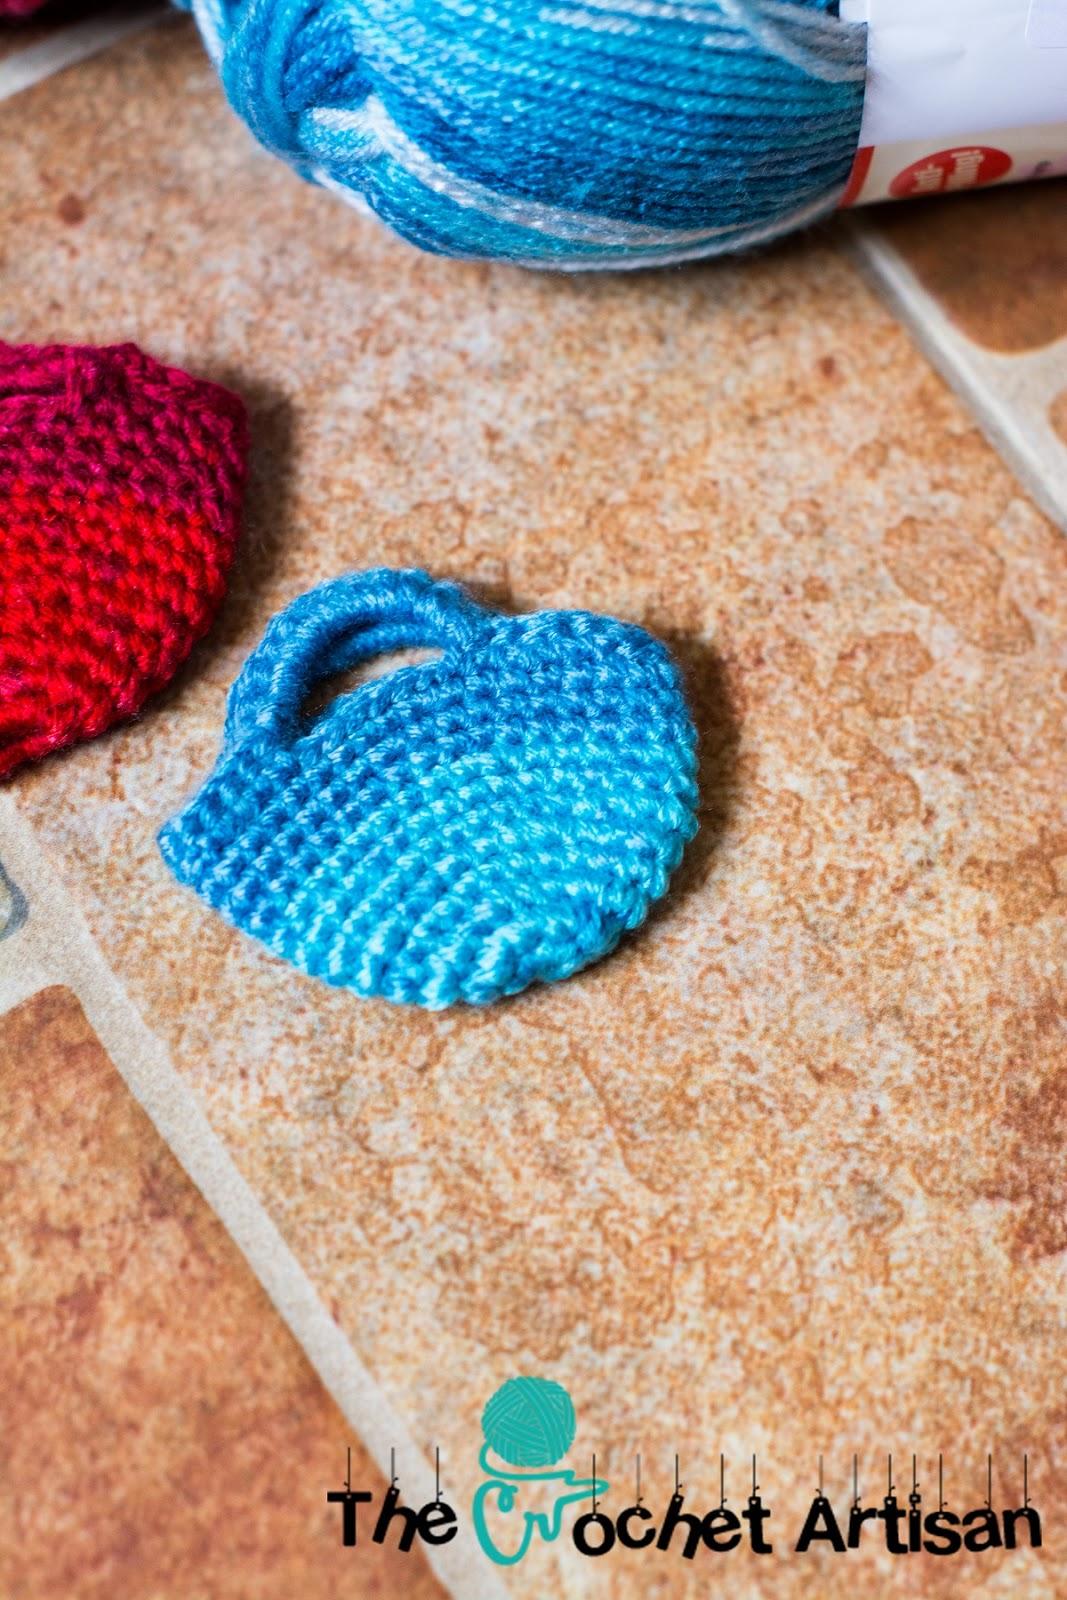 The Crochet Artisan Crochet Patterns And Tutorials